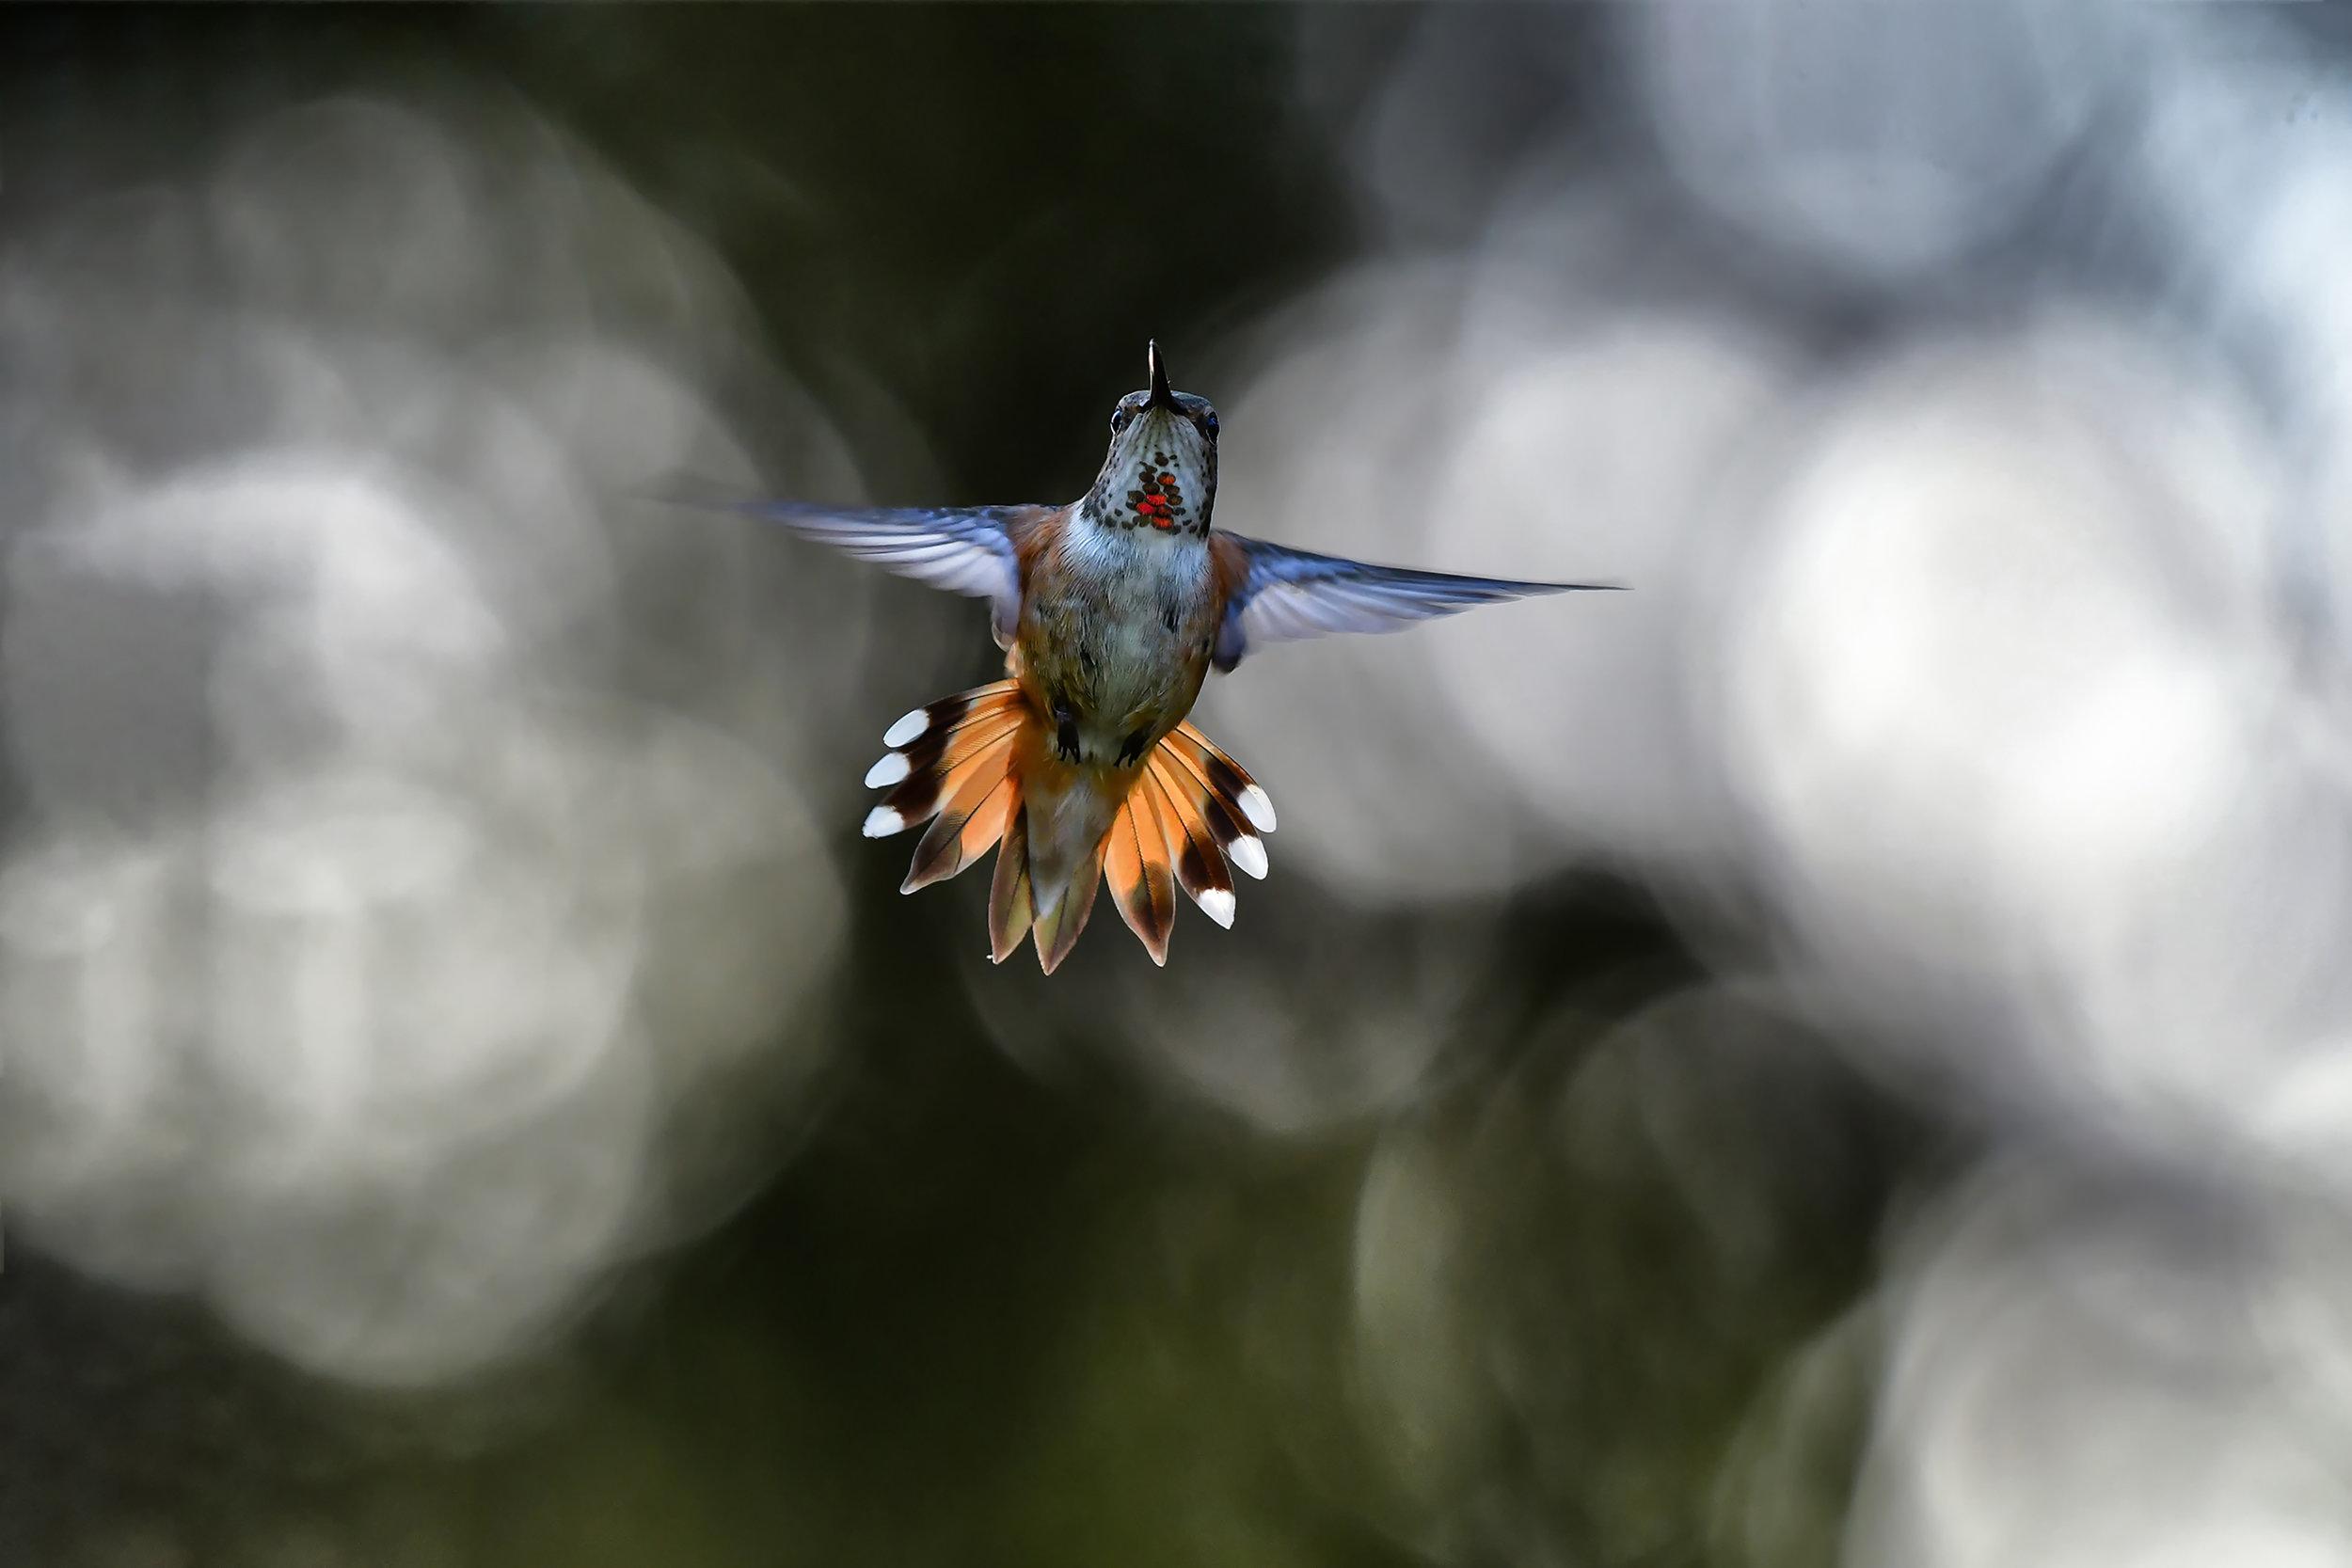 Birds in Flight Commended ©Shane Kalyne